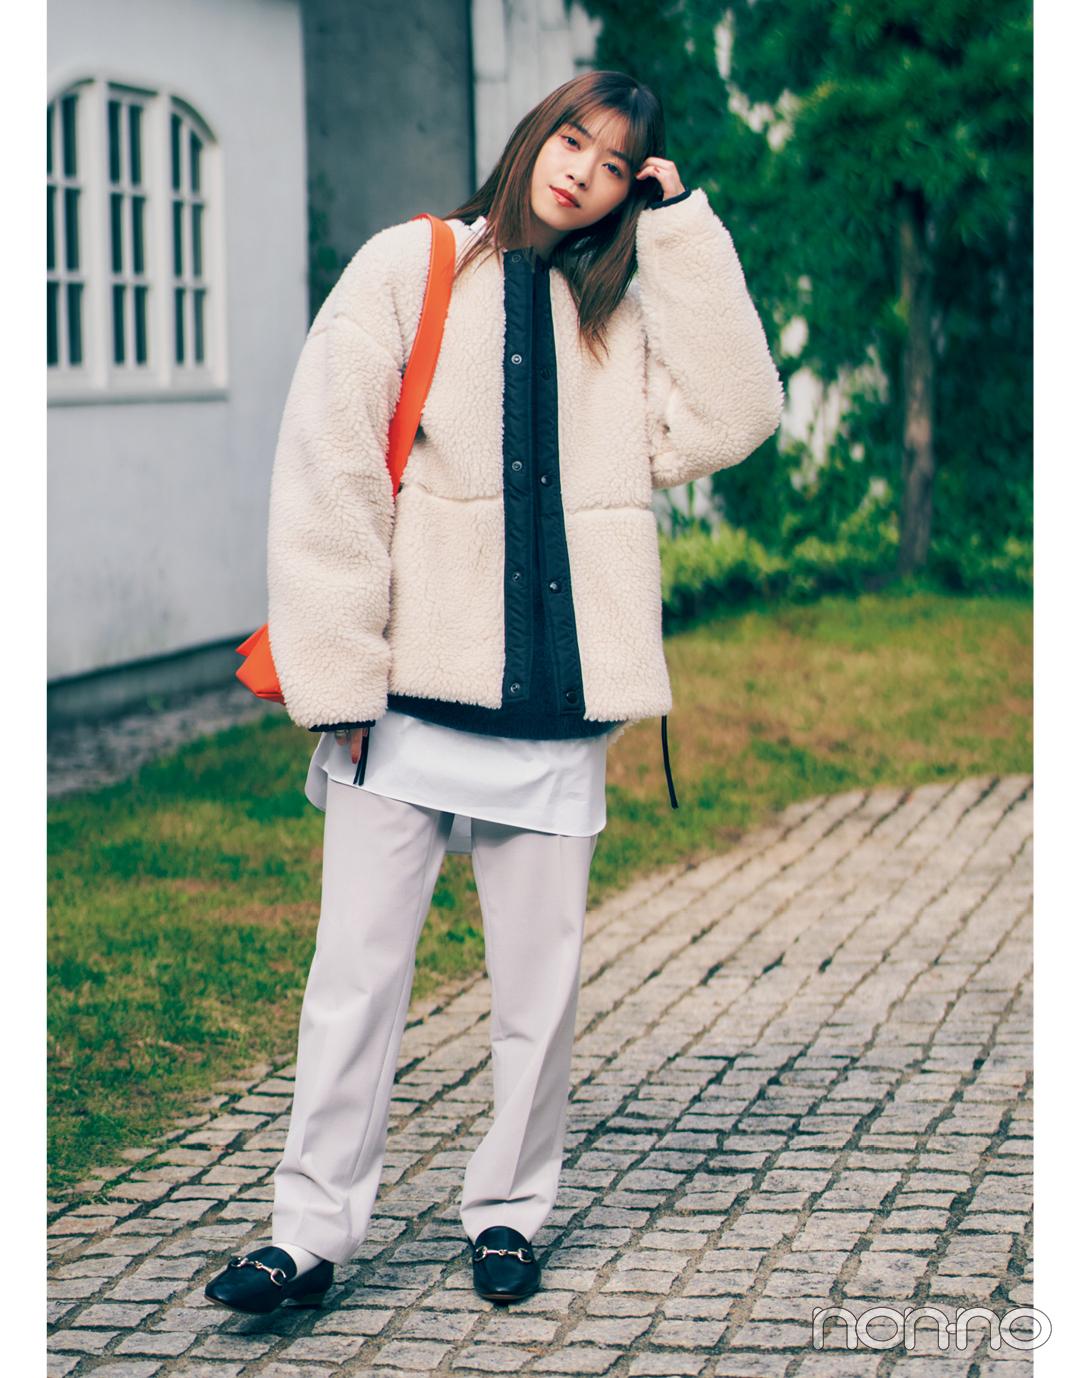 Photo Gallery 着こなしの参考に♡ ノンノモデルのリアル私服を公開!_1_7